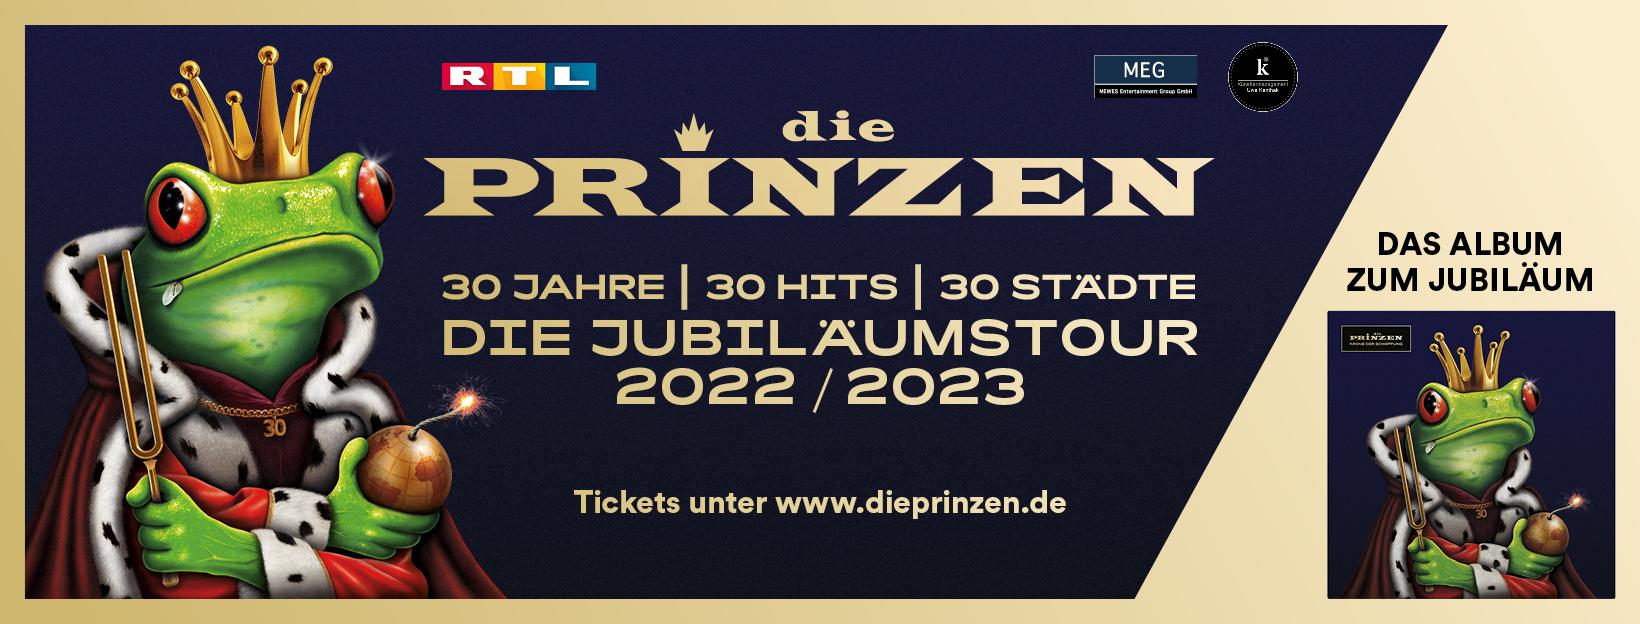 Die Jubiläumstour 2022/2023